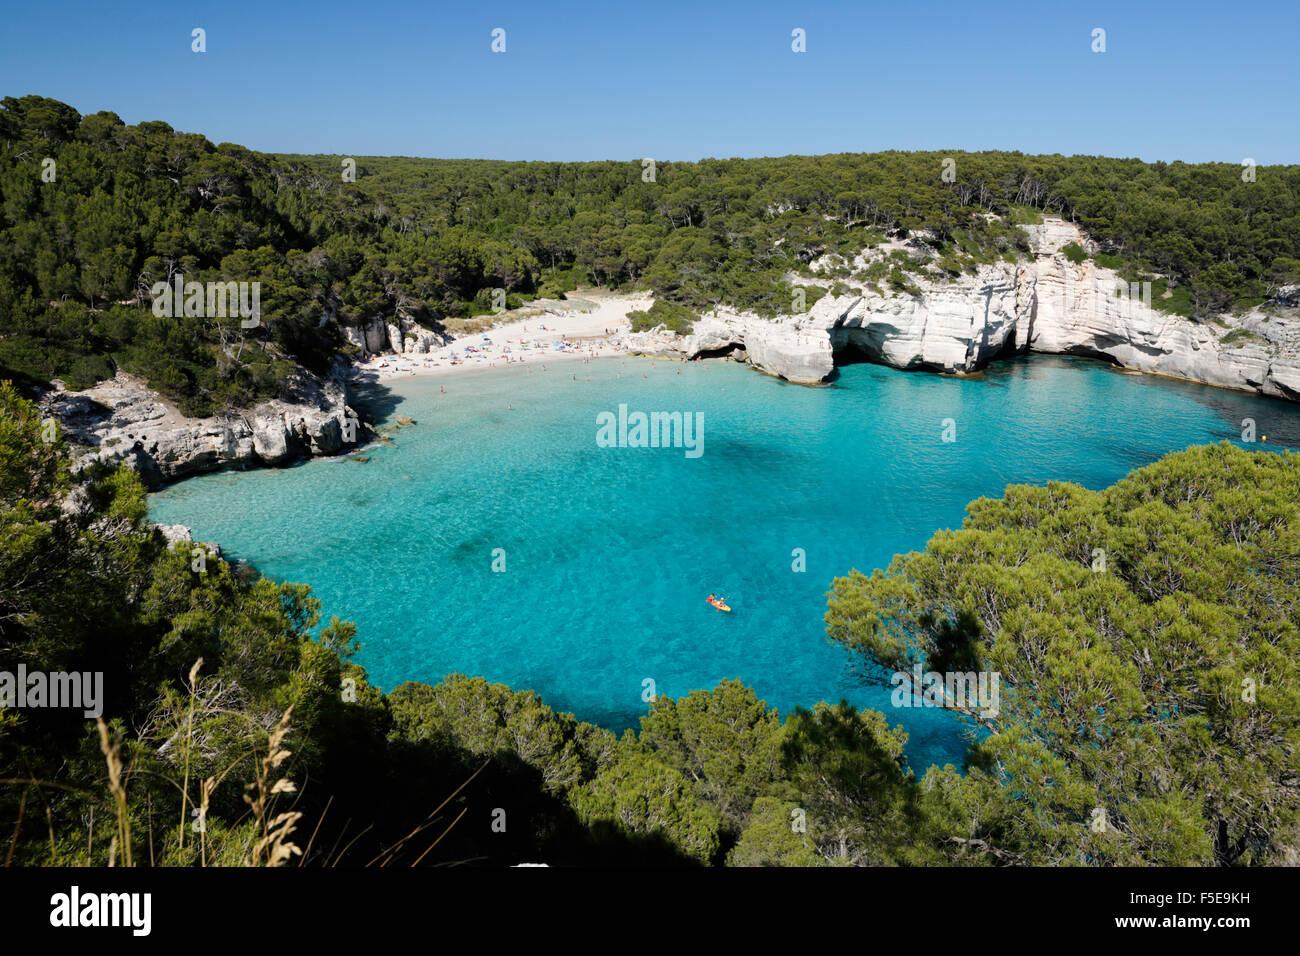 Cala Mitjana, près de Cala Galdana, côte sud-ouest, Minorque, Iles Baléares, Espagne, Méditerranée, Photo Stock